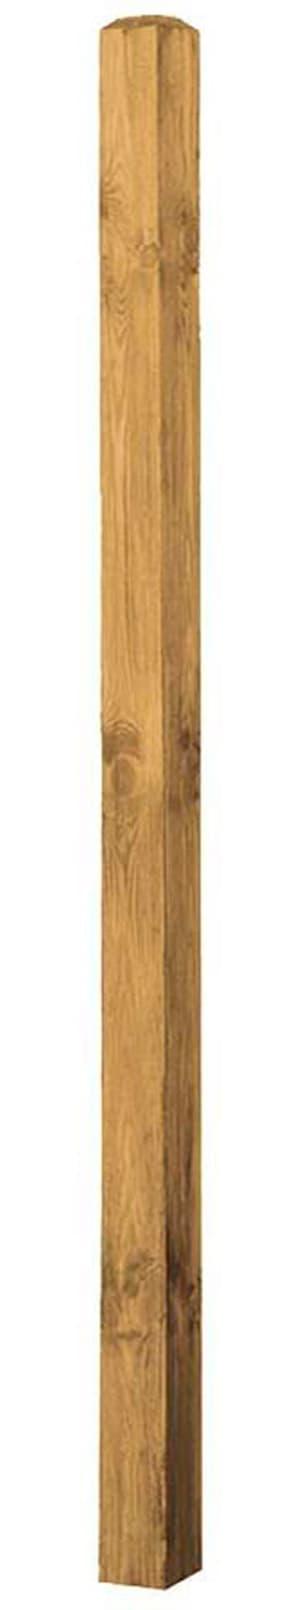 Poteaux en bois de pin pour pare-vue en noisetier